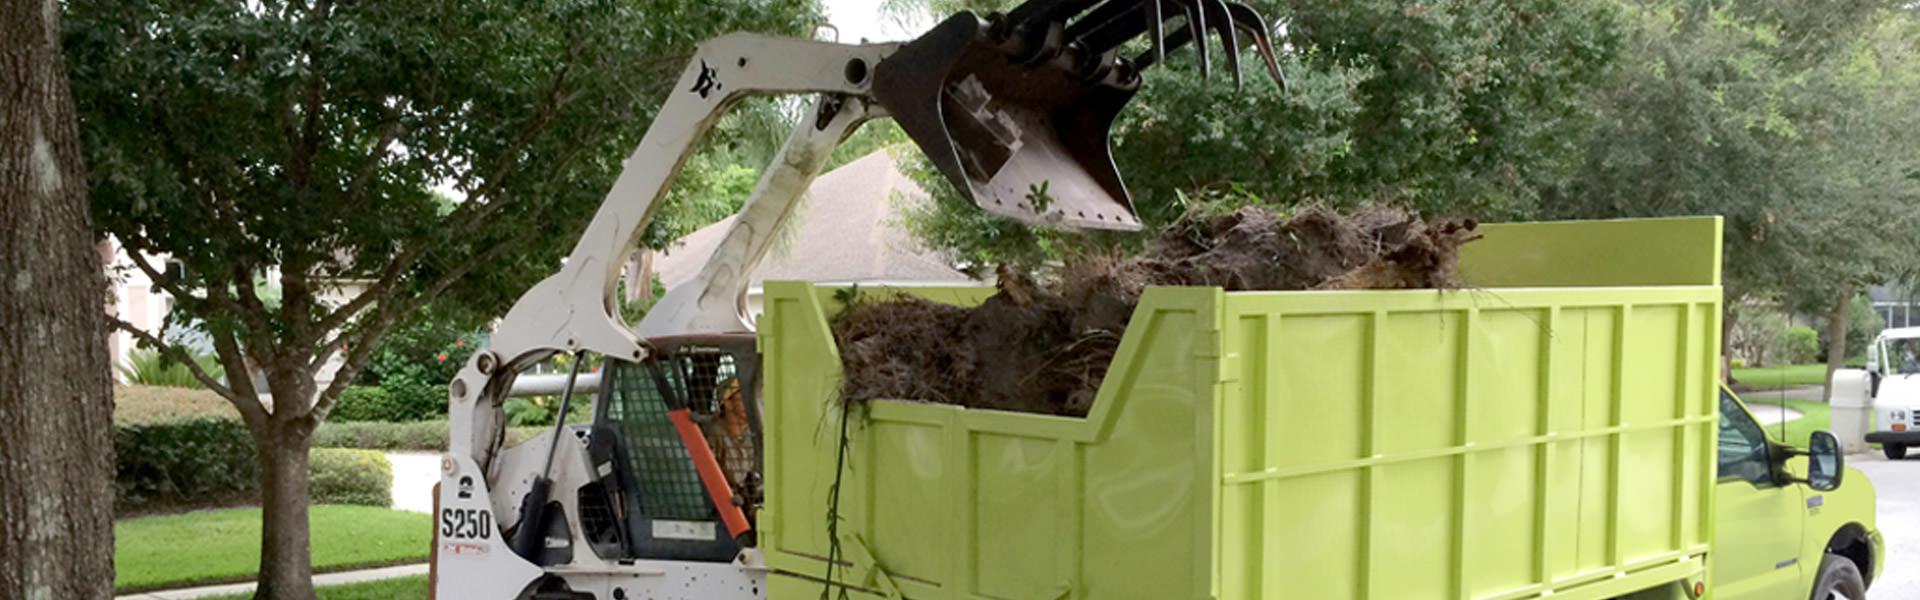 Debris Removal Orlando